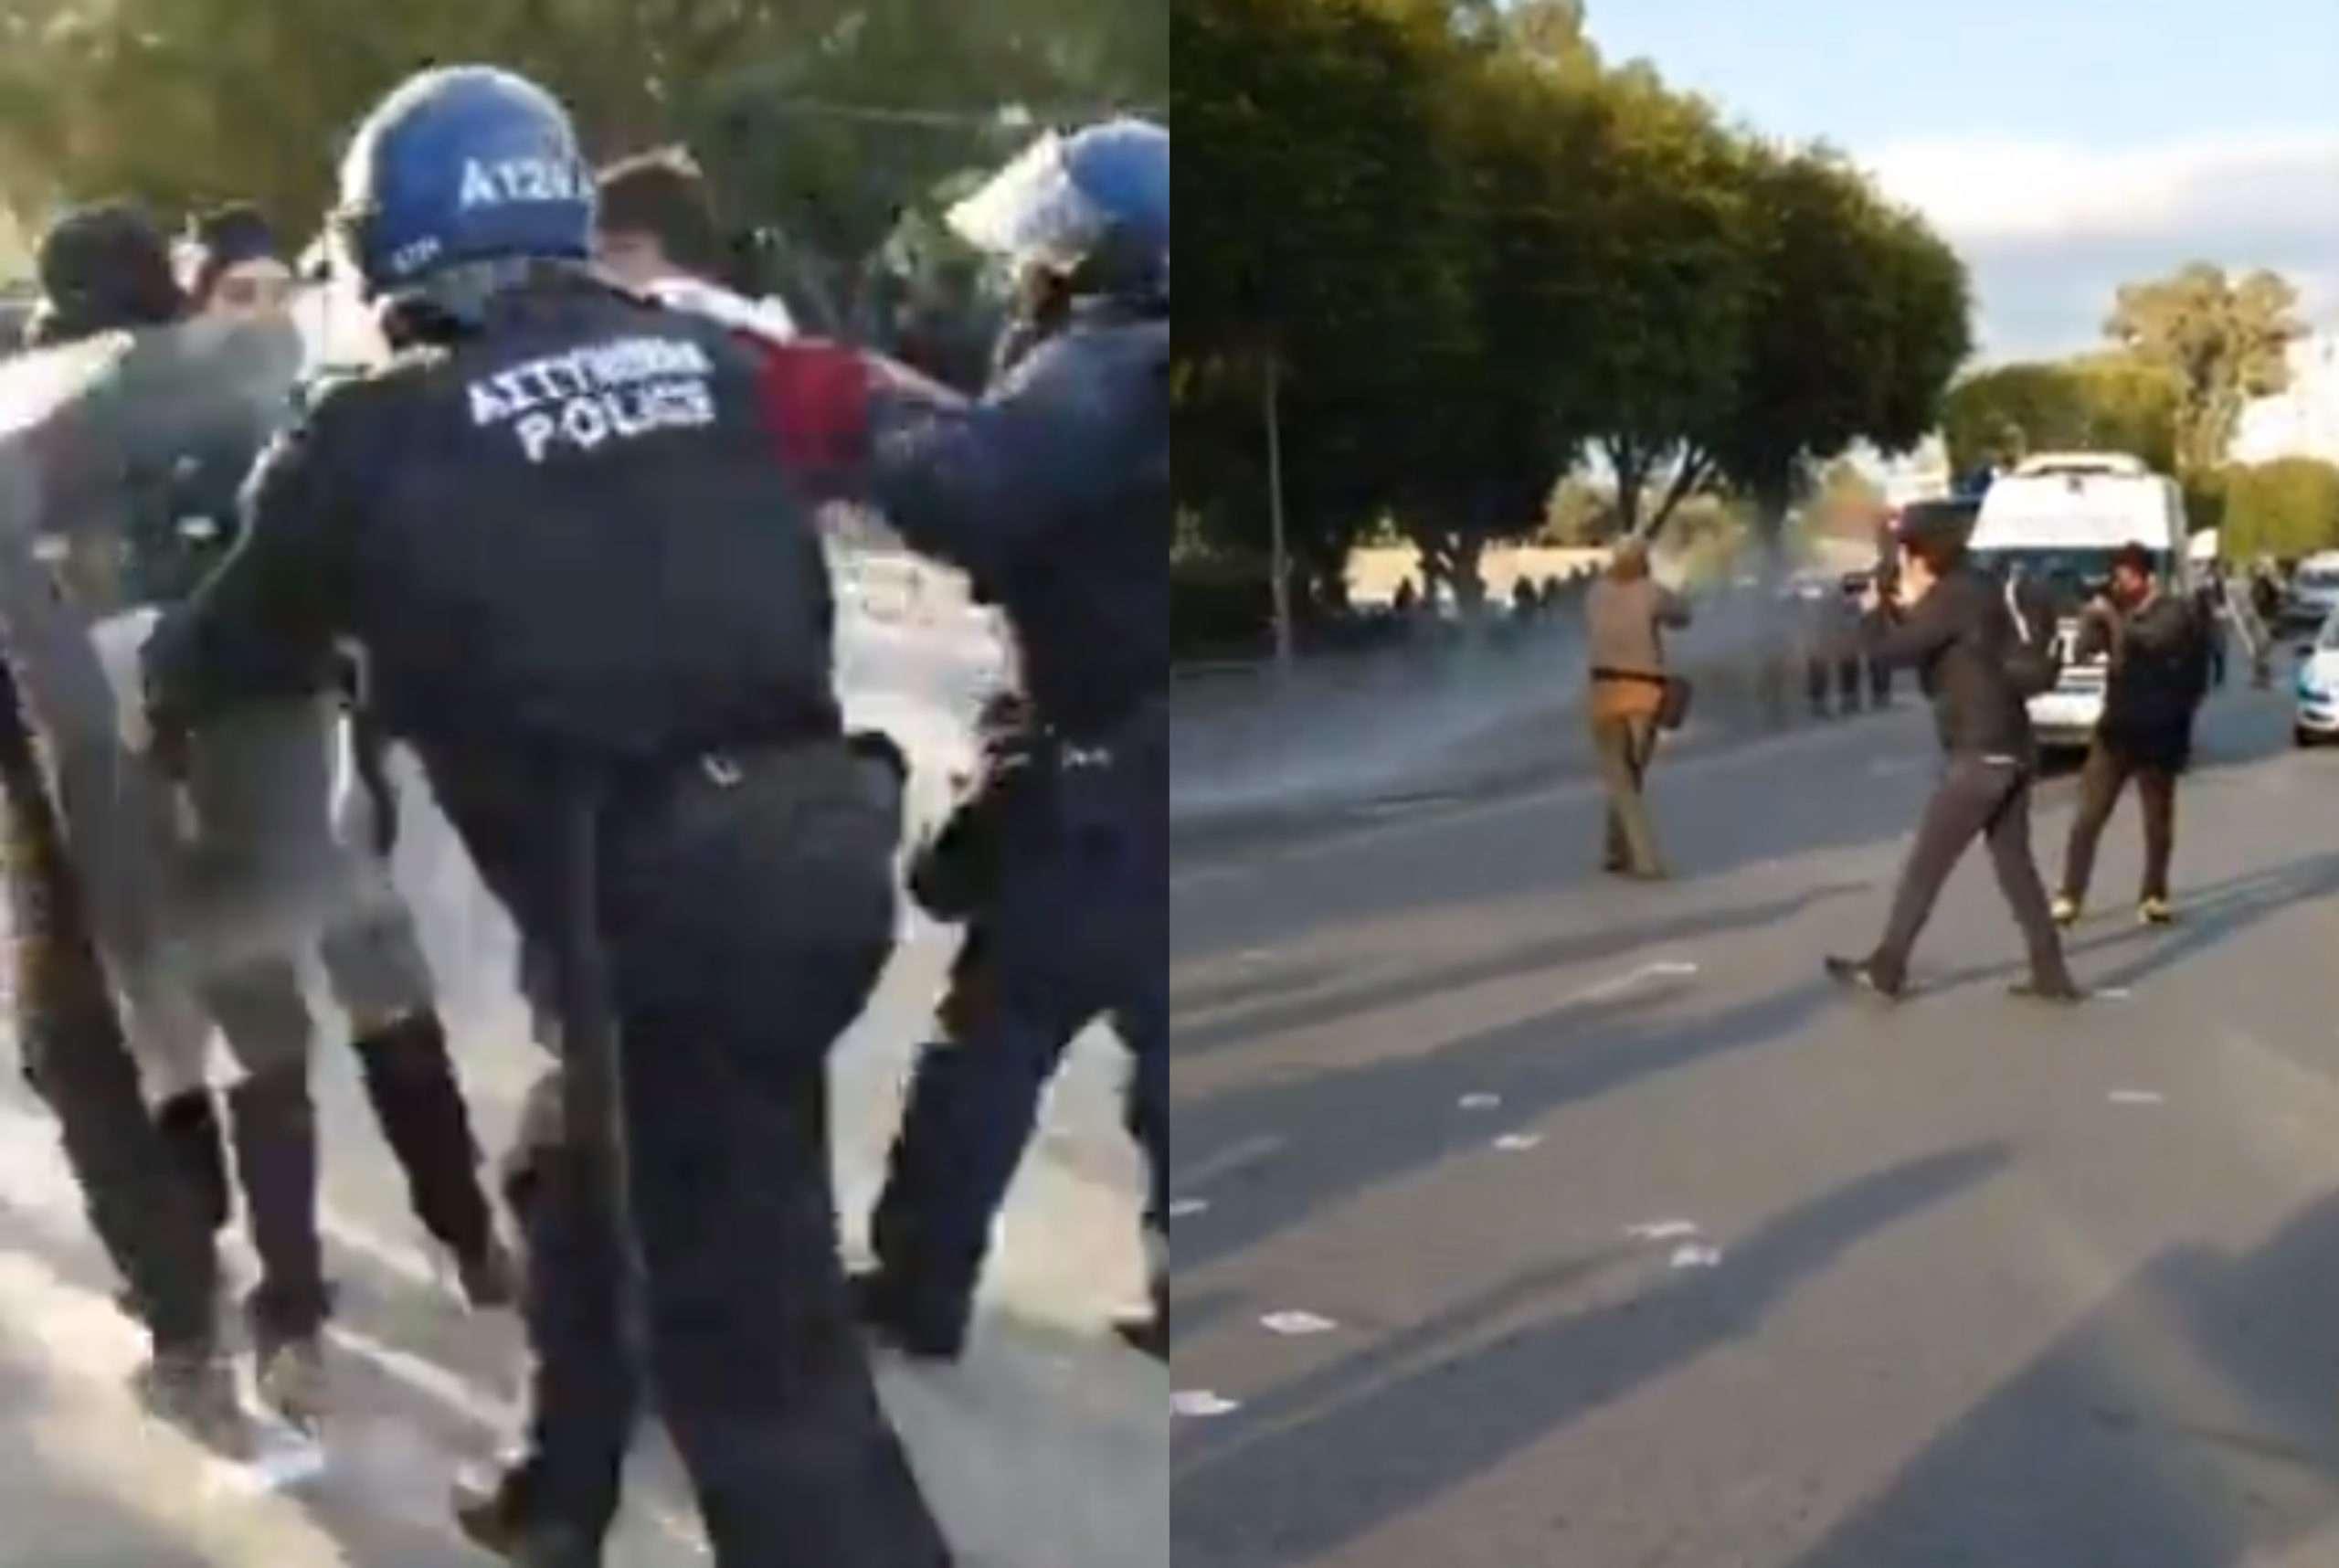 Βάναυση επίθεση της αστυνομία σε διαδήλωση στη Λευκωσία – Ανακοίνωση της ΚΟ του ΚΚΕ στην Κύπρο